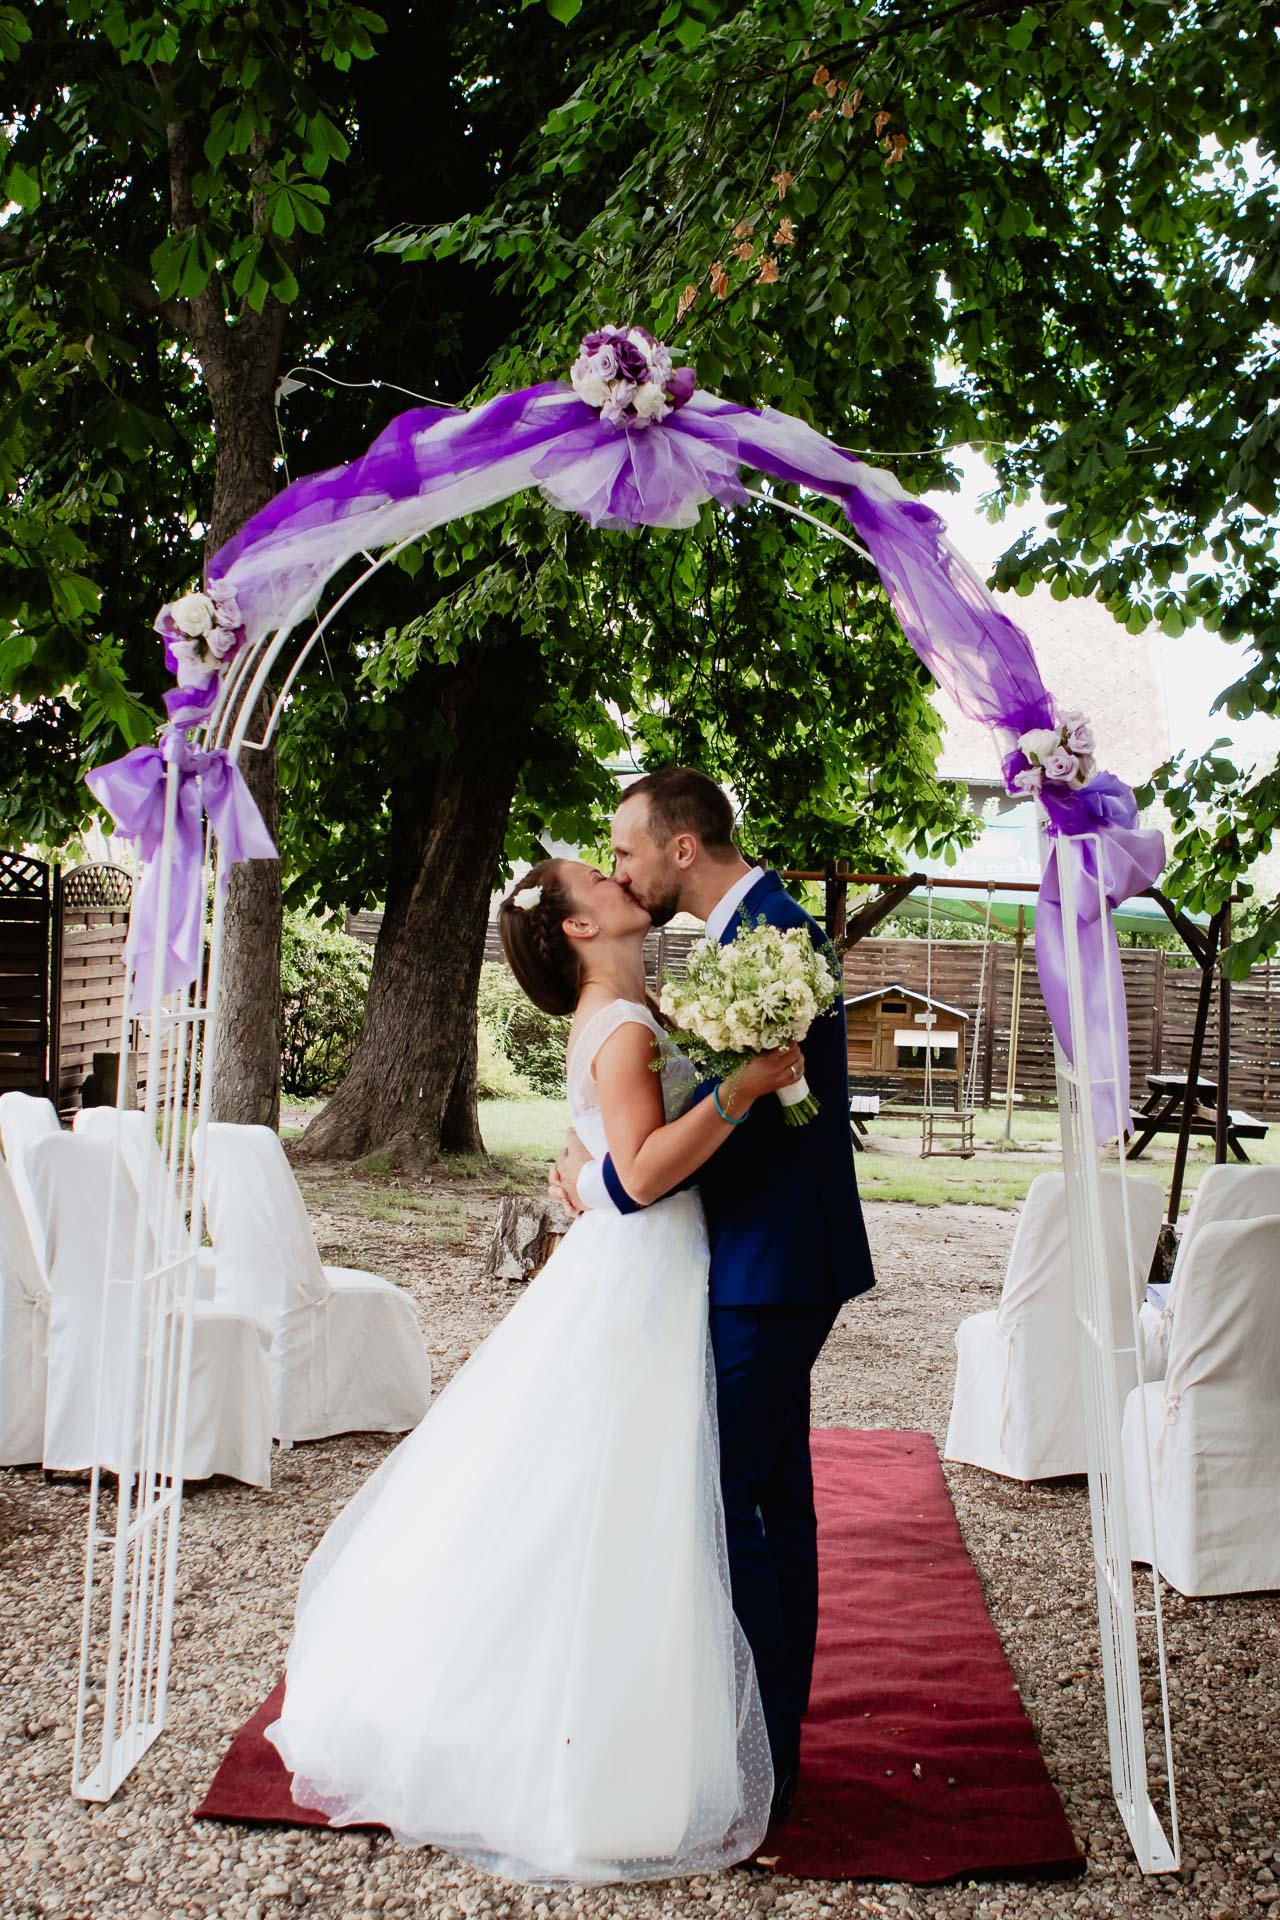 svatební-fotograf-dolní-počernice-svatební-fotograf-Zámecký-park-Dolní-Počernice-94